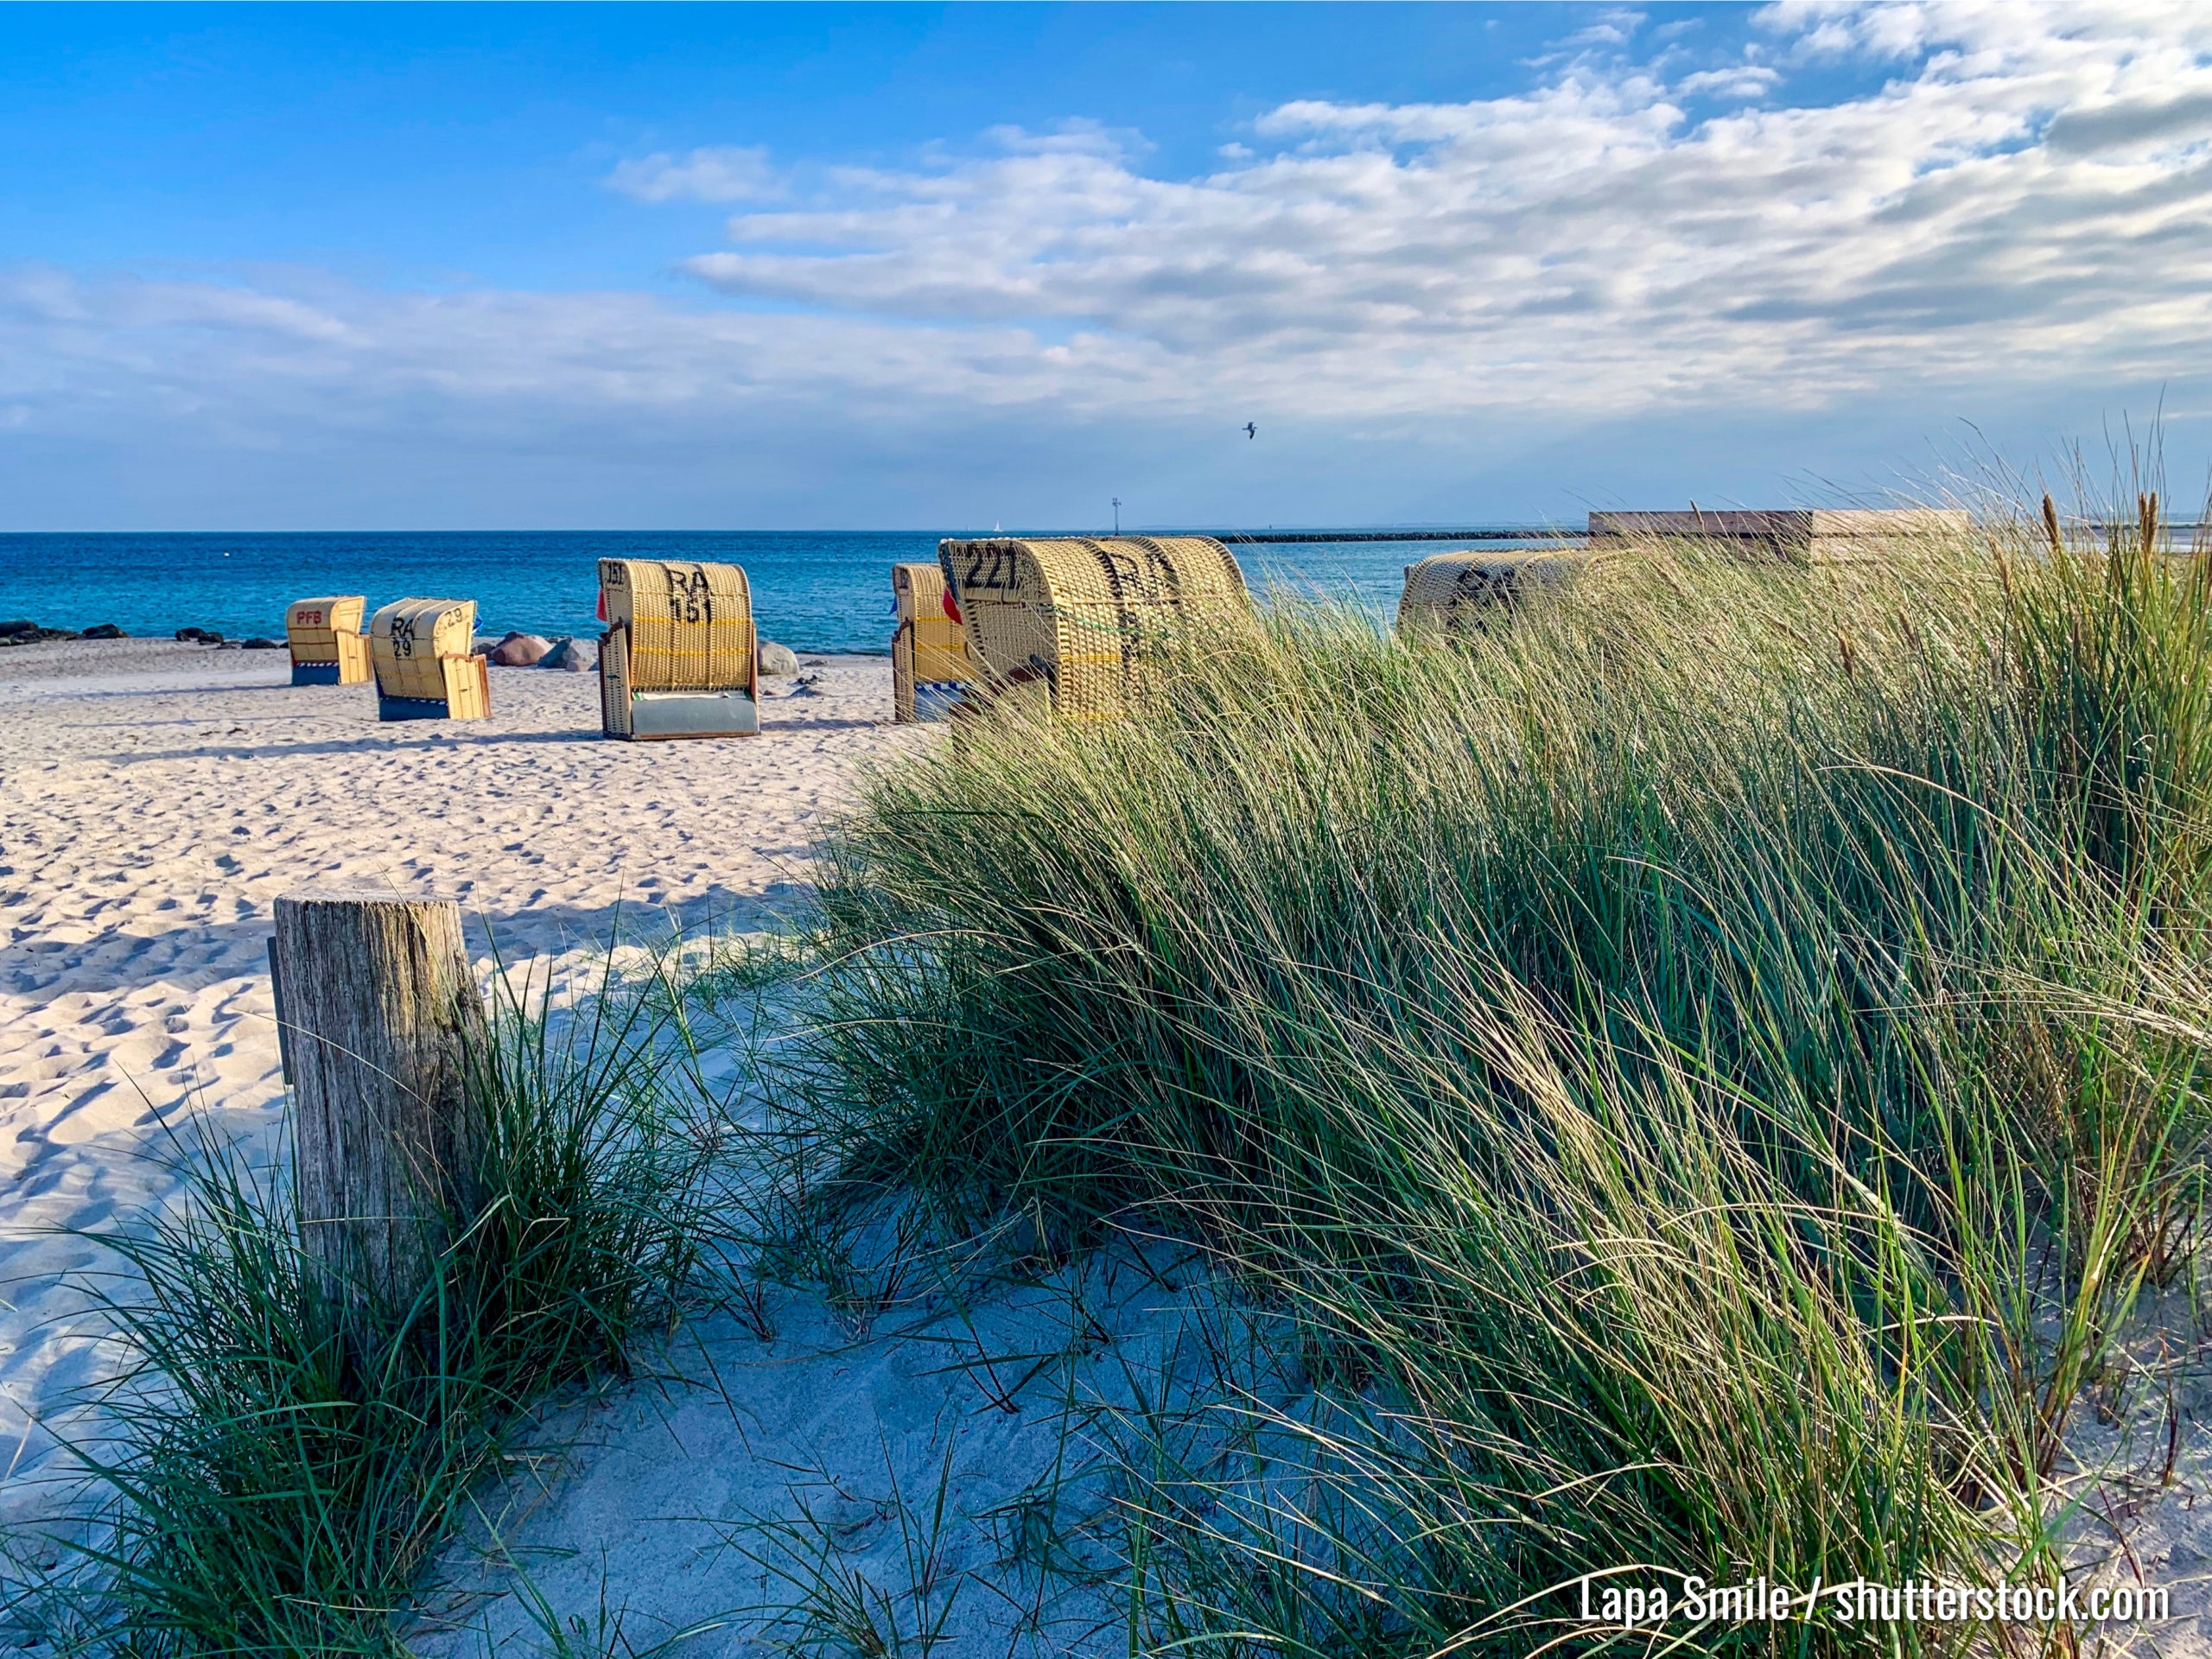 Aussicht auf den Sandstrand, die traditionellen norddeutschen Liegestühle und das grüne Gras auf der Insel Fehmarn auf Ostsee